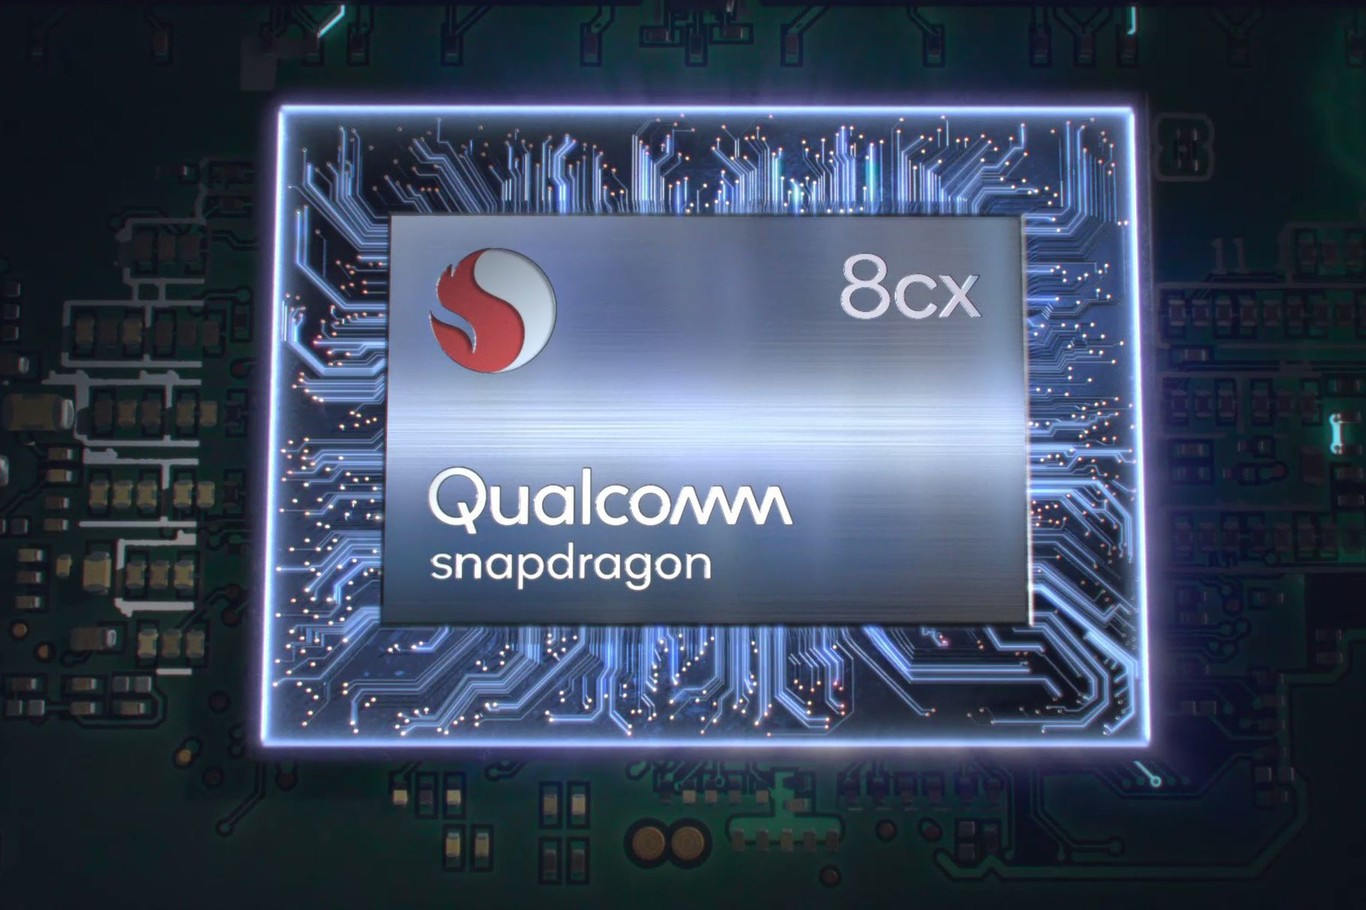 Qualcomm presenta Snapdragon 8cx, el procesador para Windows ARM que rivalizará con el i5